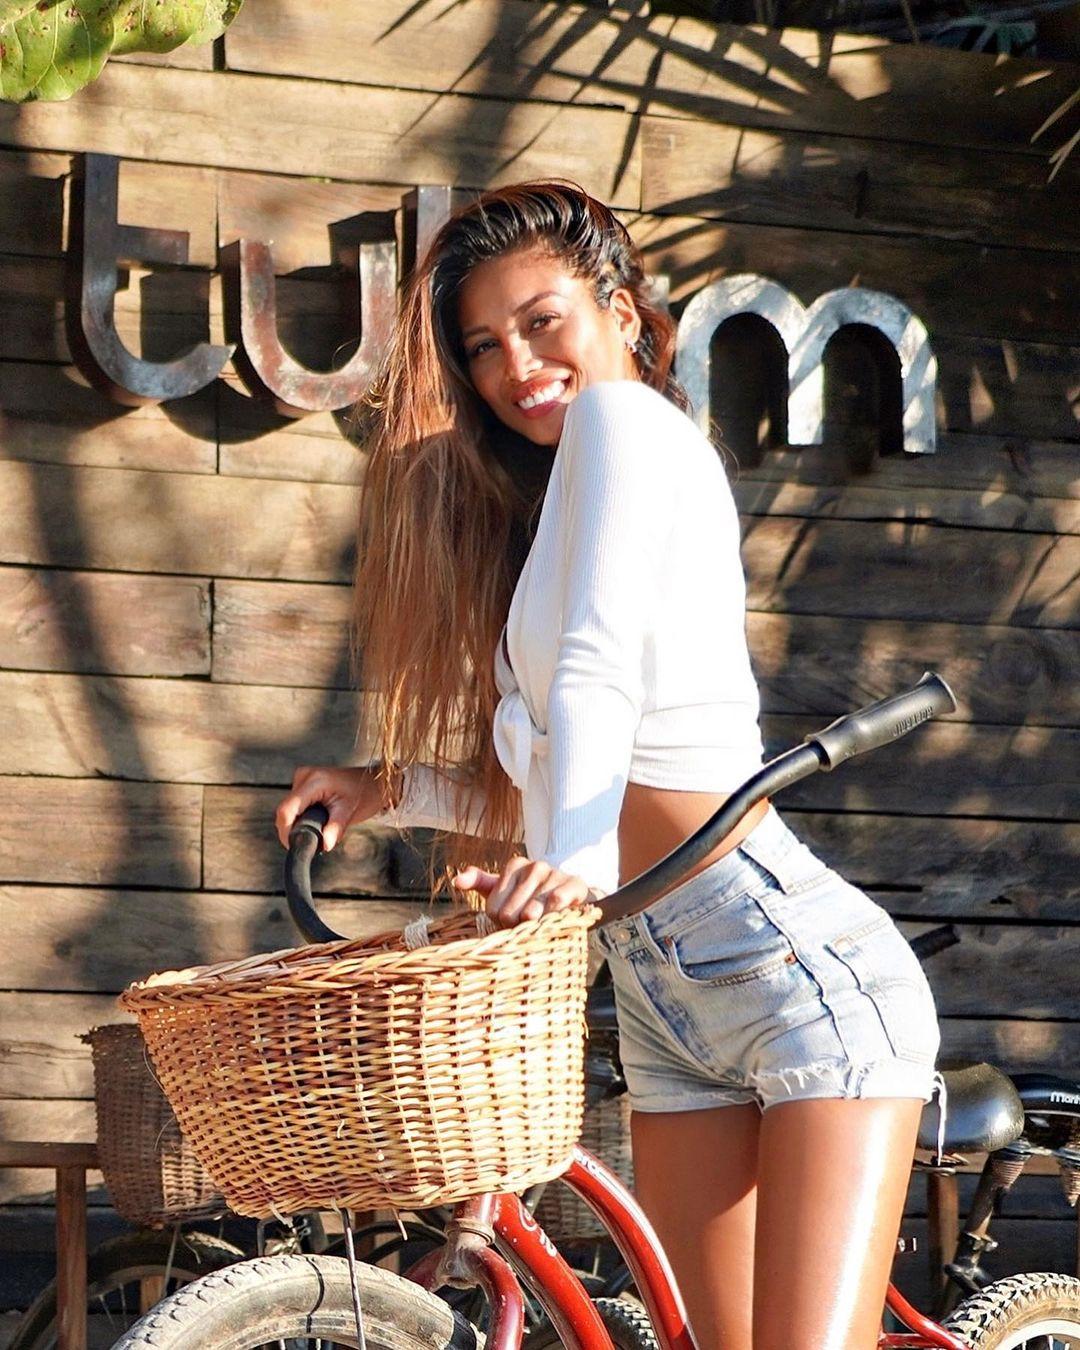 Сетани Тэйнг – девушка Юлиана Дракслера с очень яркой внешностью. Футболист явно любит экзотику!